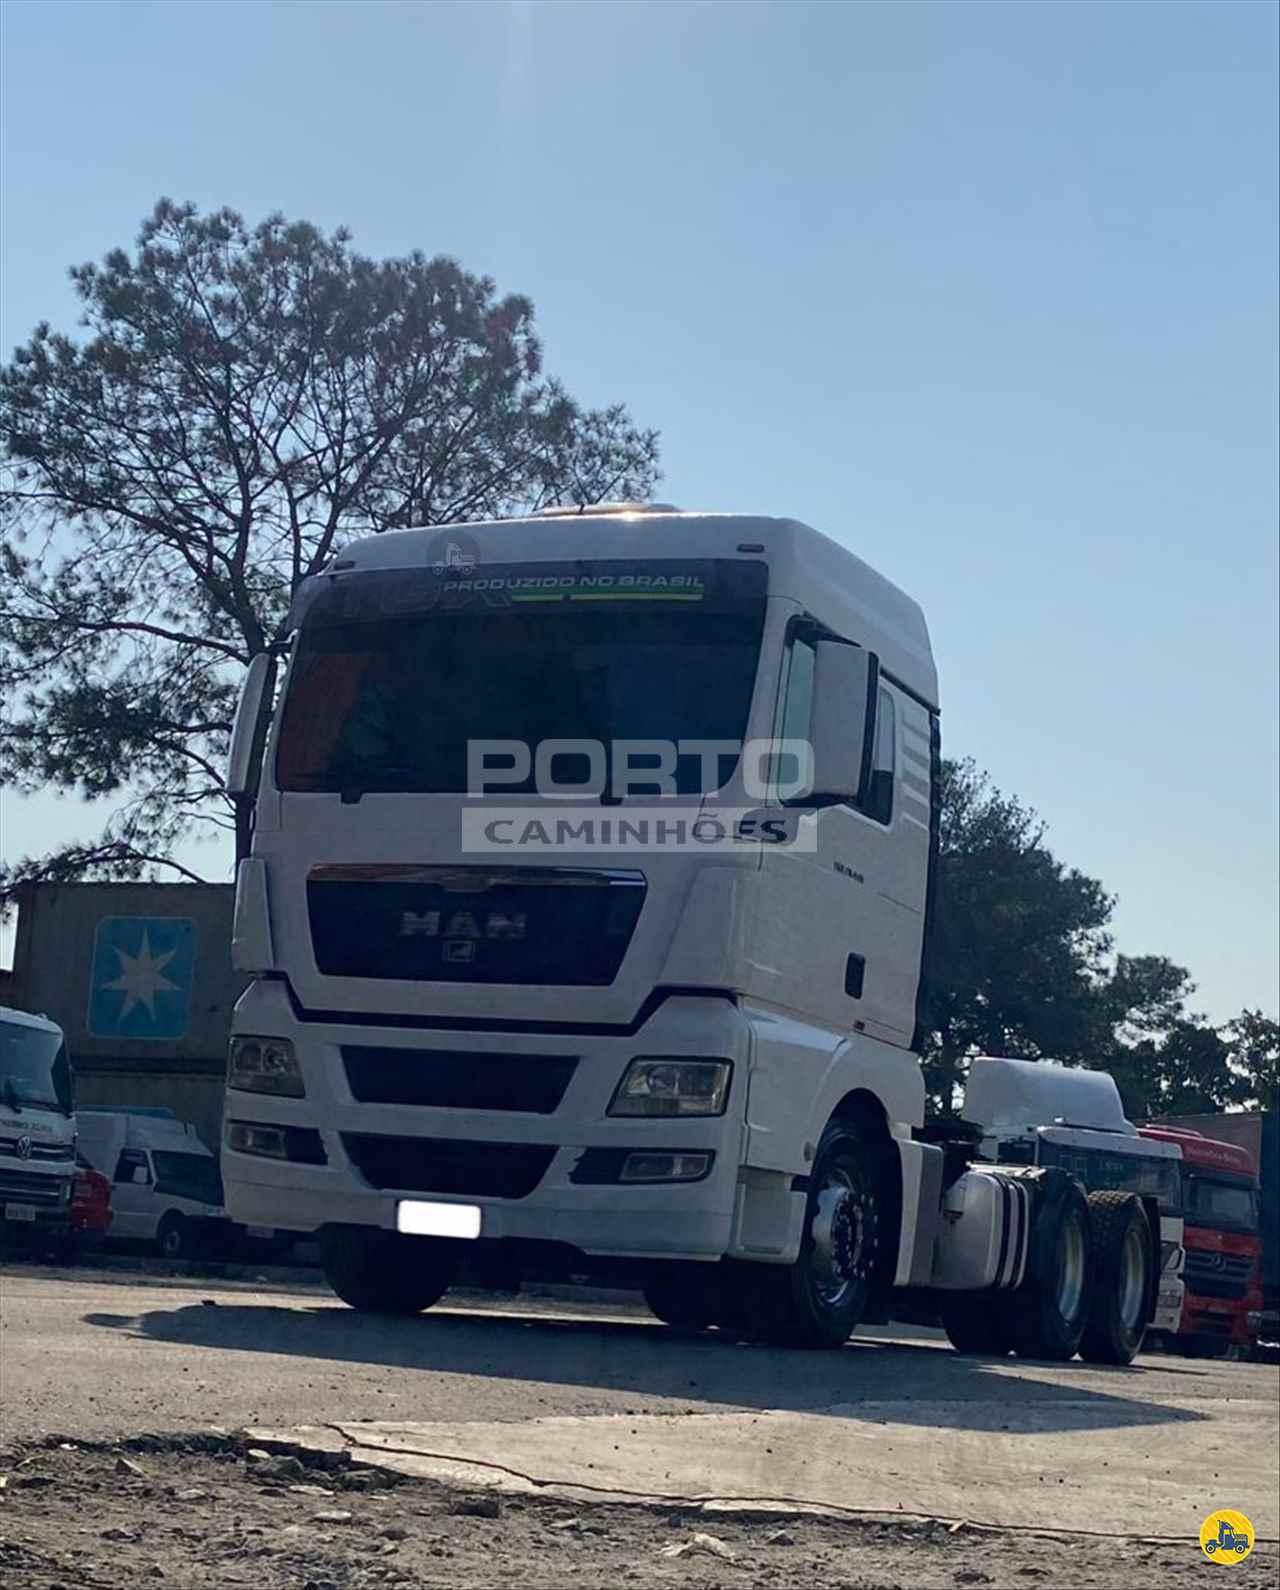 TGX 29 440 de Porto Caminhões - GUARULHOS/SP